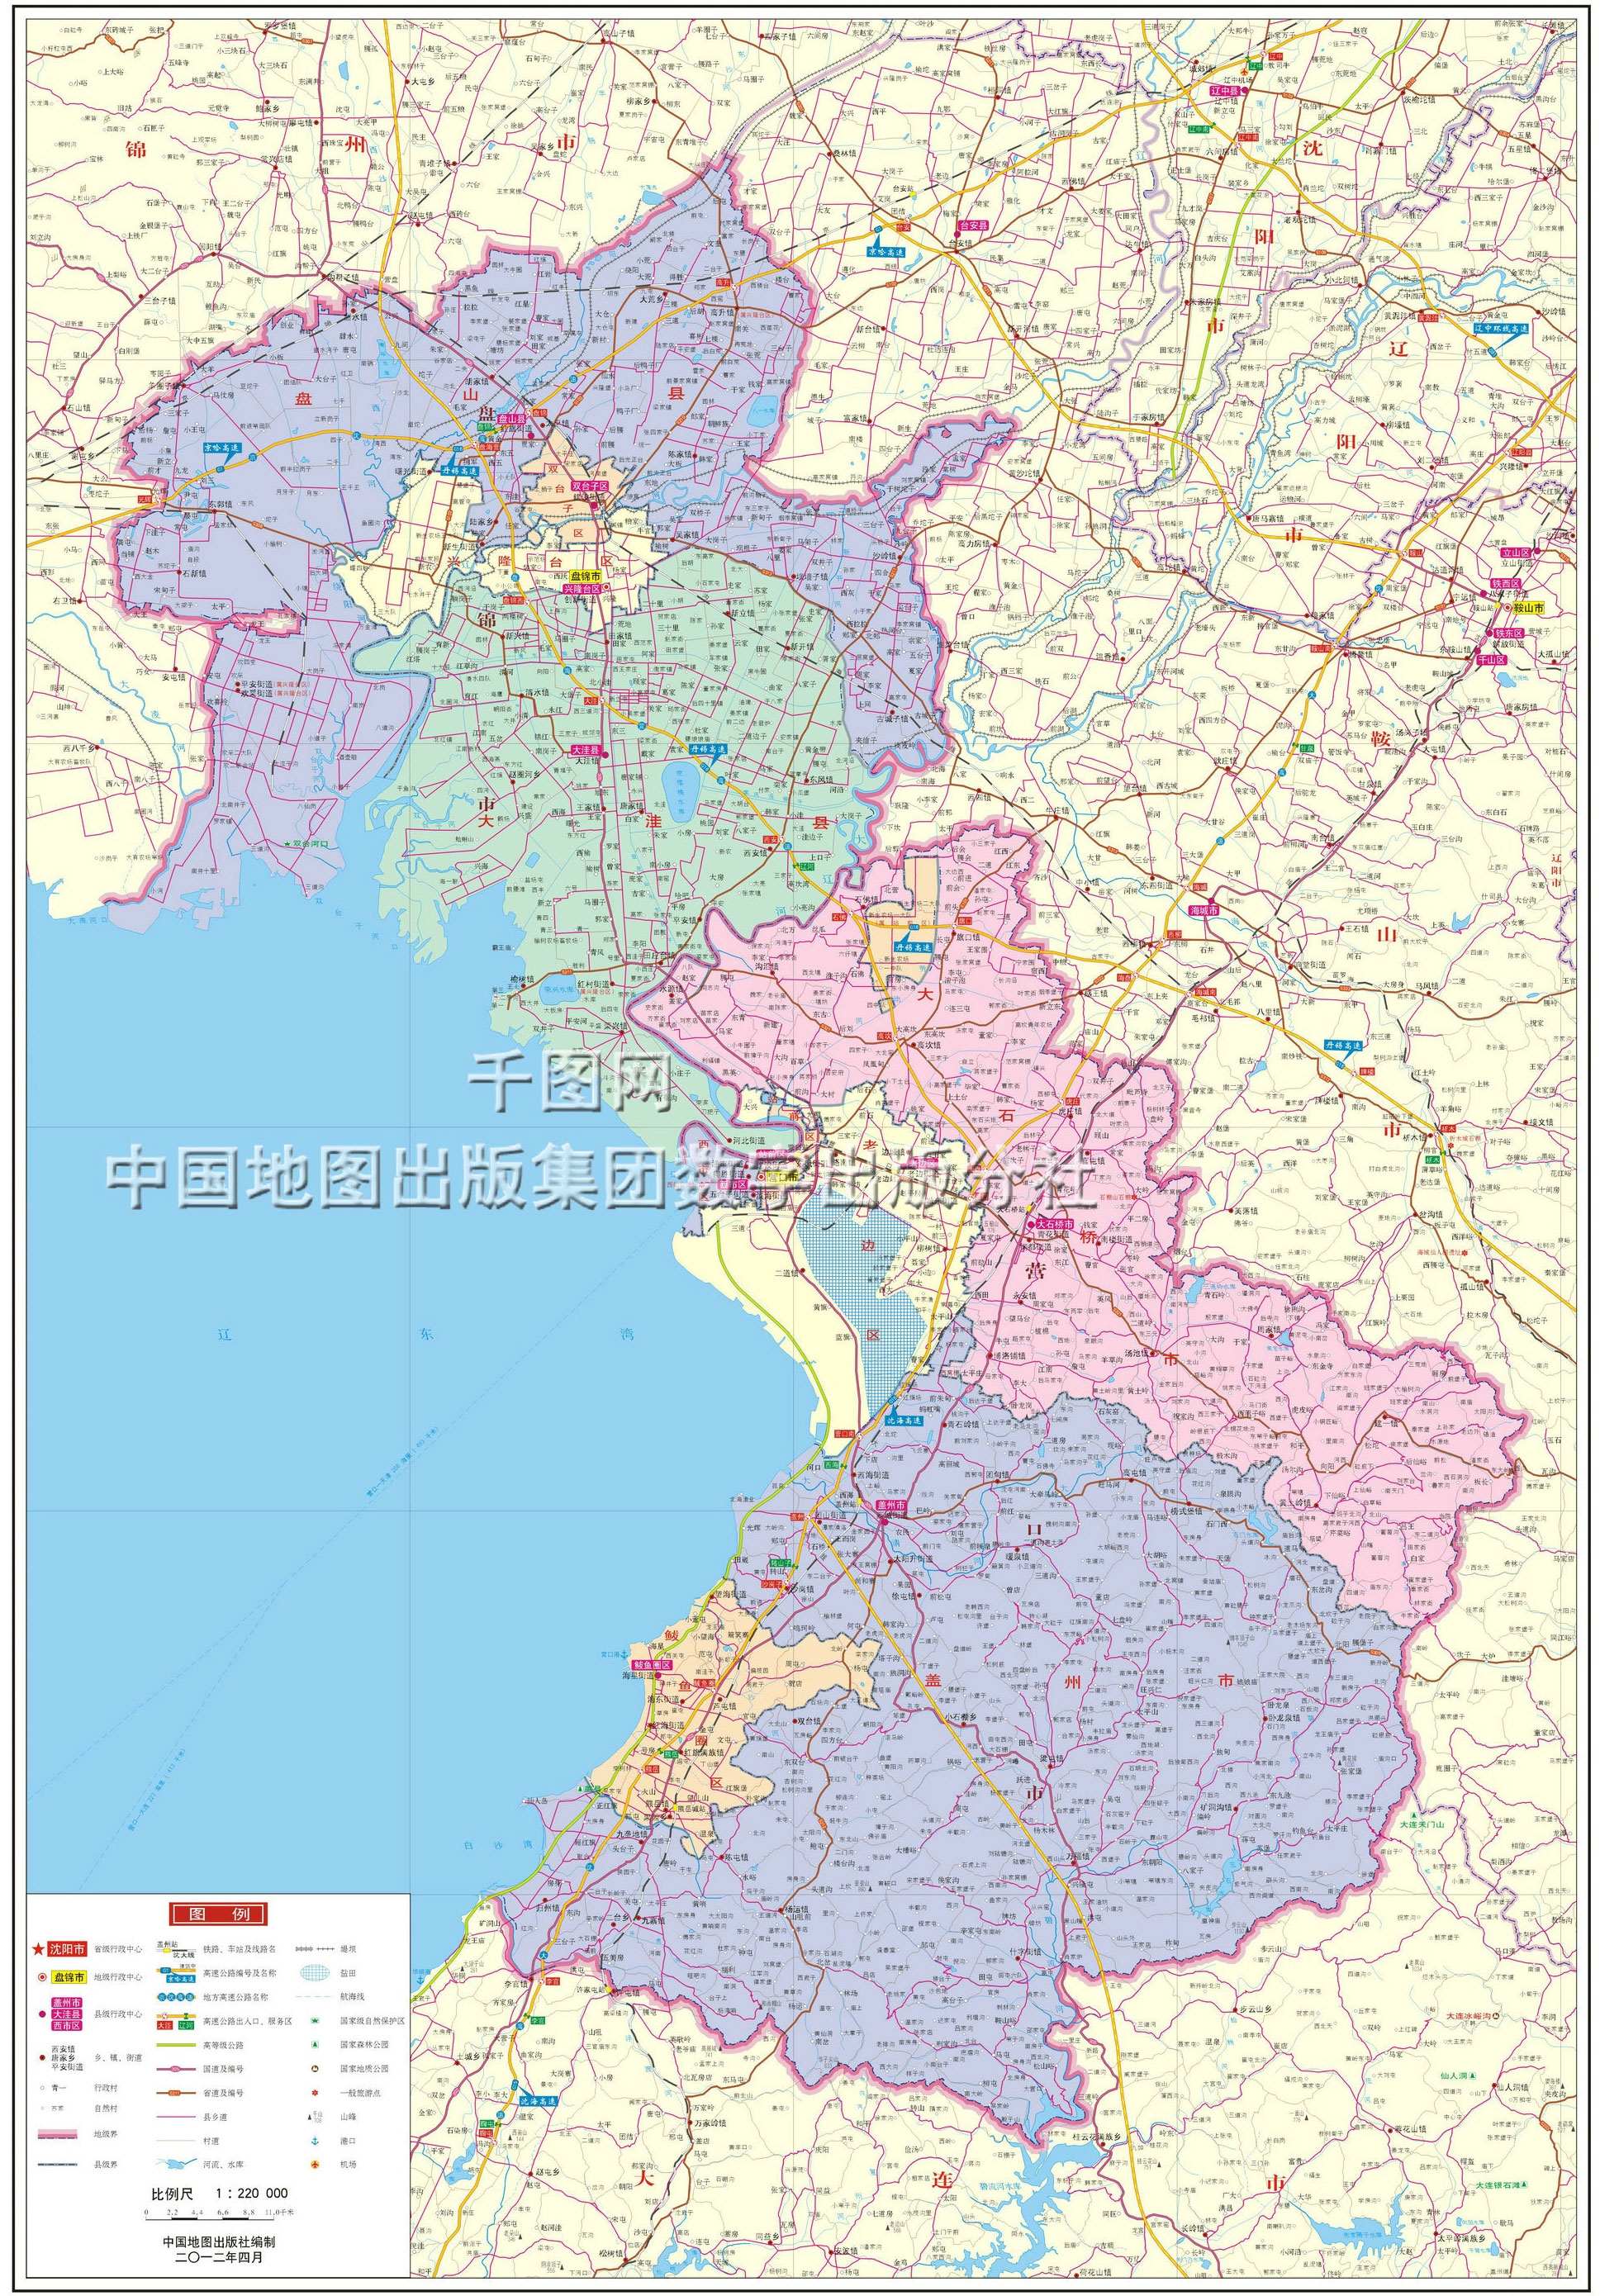 盘锦市地图高清版_盘锦地图库